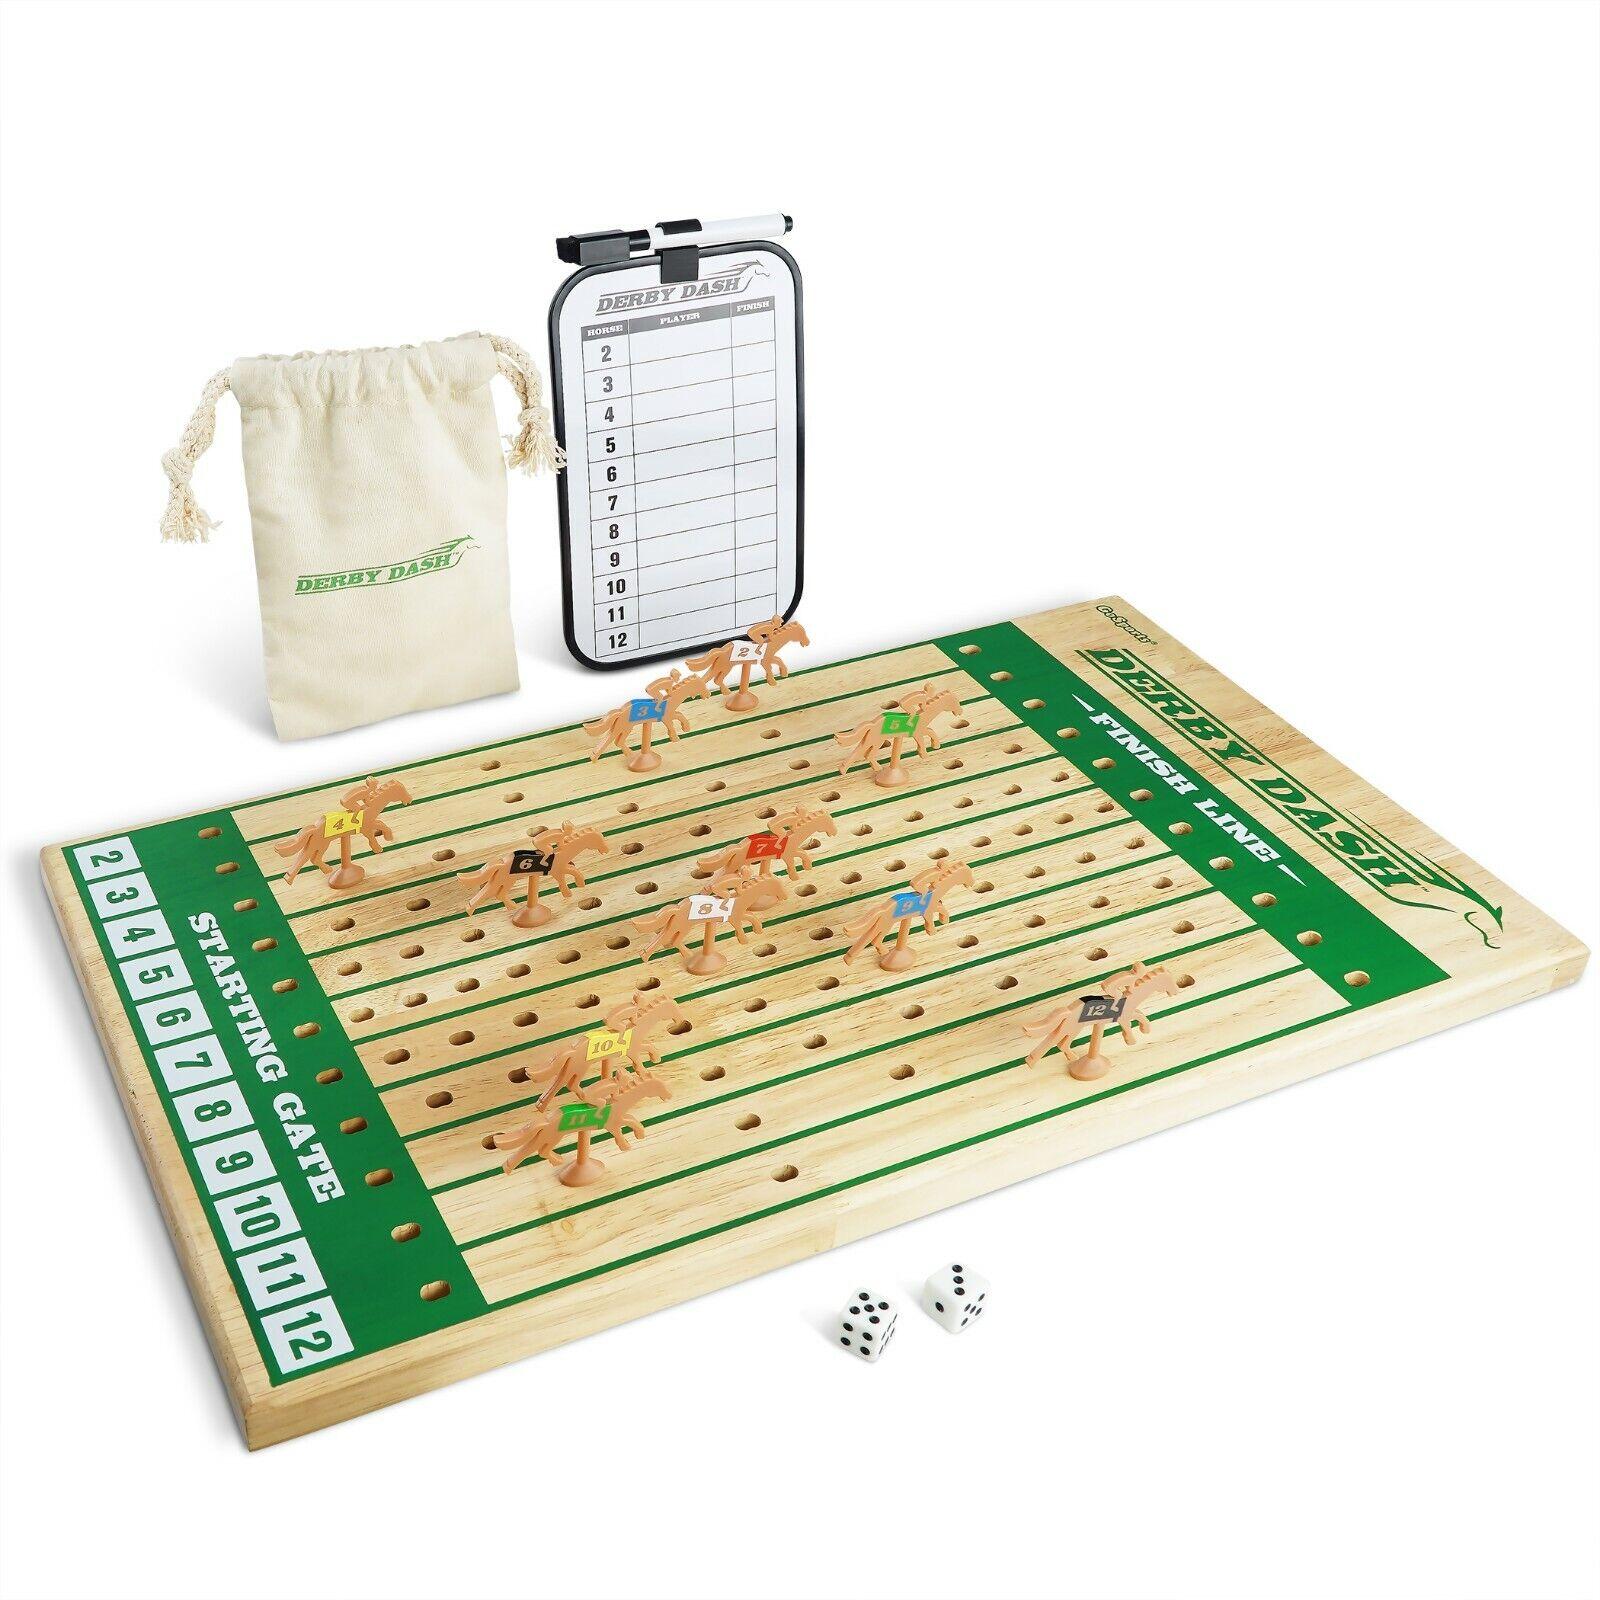 GoDeporte Caballo Derby Dash CASINO inspirada en tablero de juego de dados para Novedad apuestas